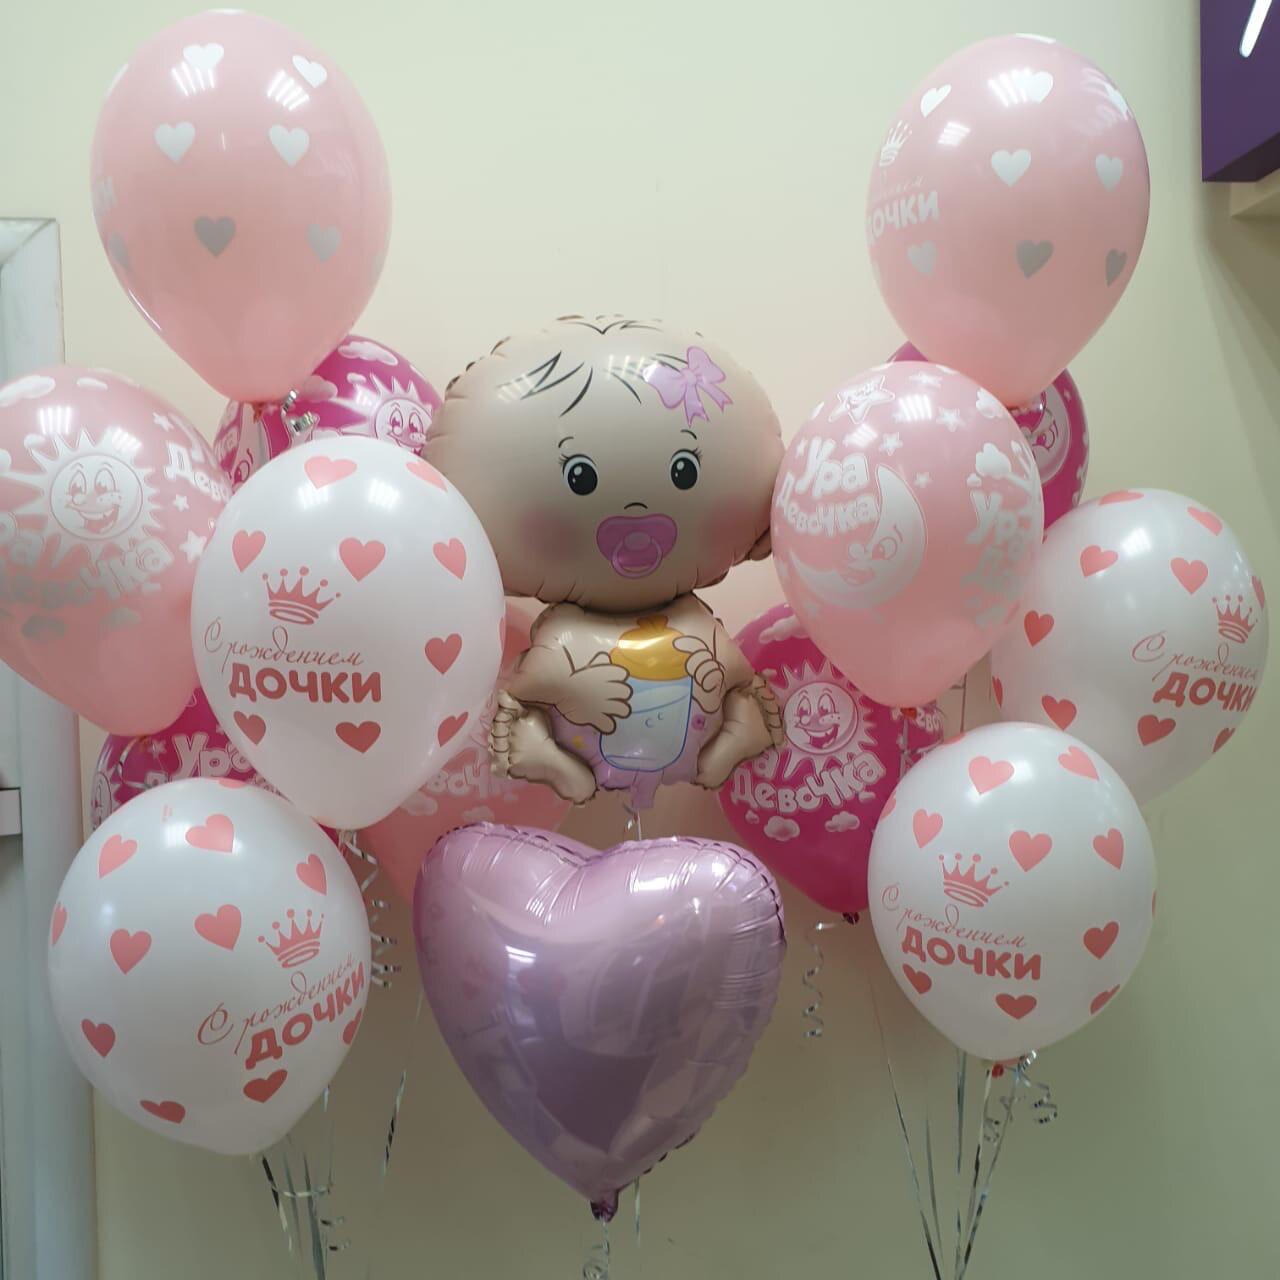 Композиция из воздушных шаров по случаю рождения девочки.